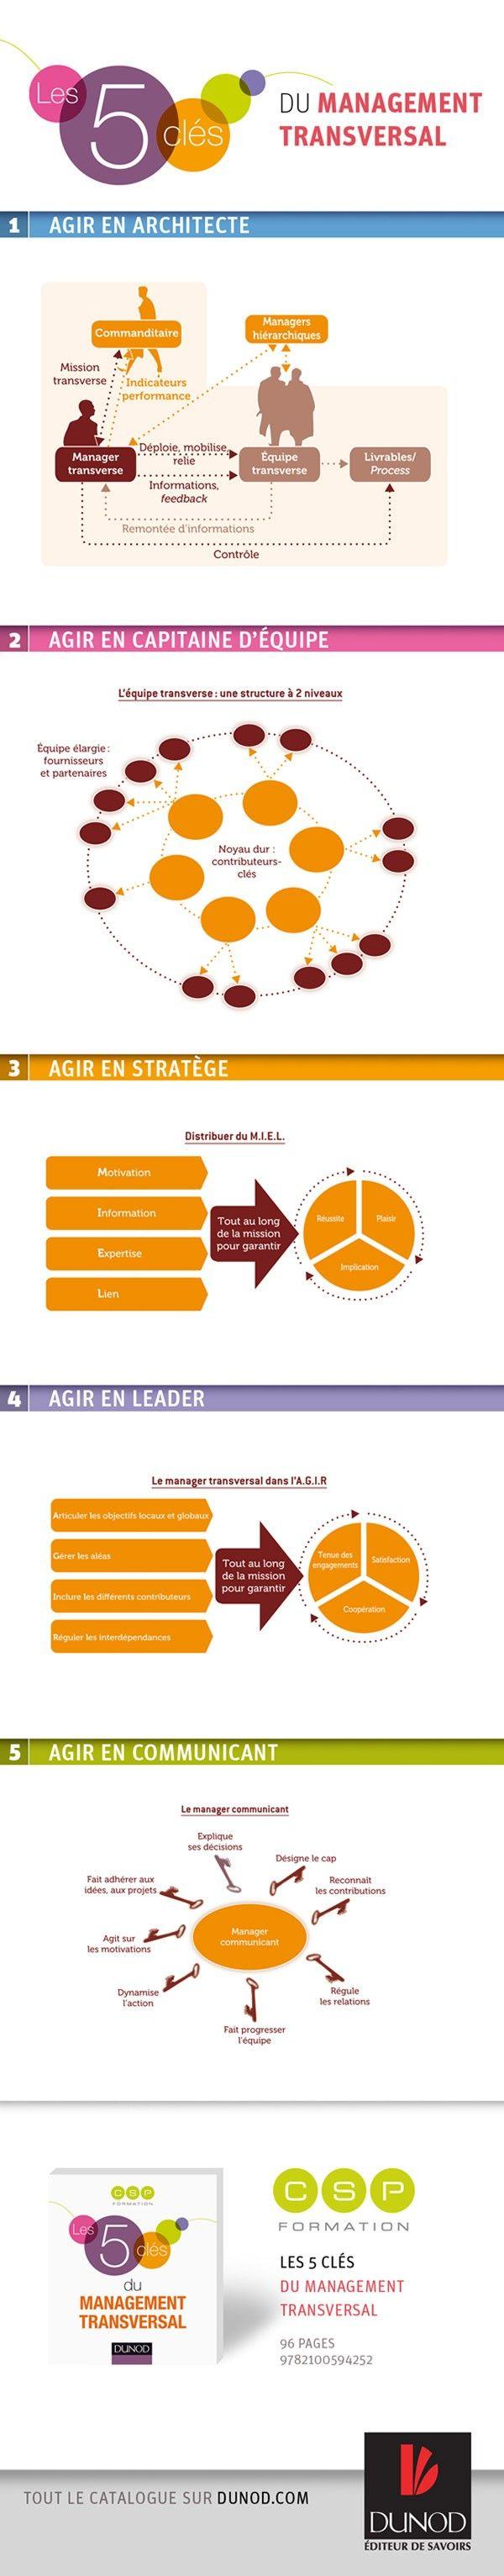 À l'heure où le management transversal se développe de plus en plus dans les entreprises, Dunod et CSP Formation ont résumé dans une infographie les cinqclés de cette pratique délicate.